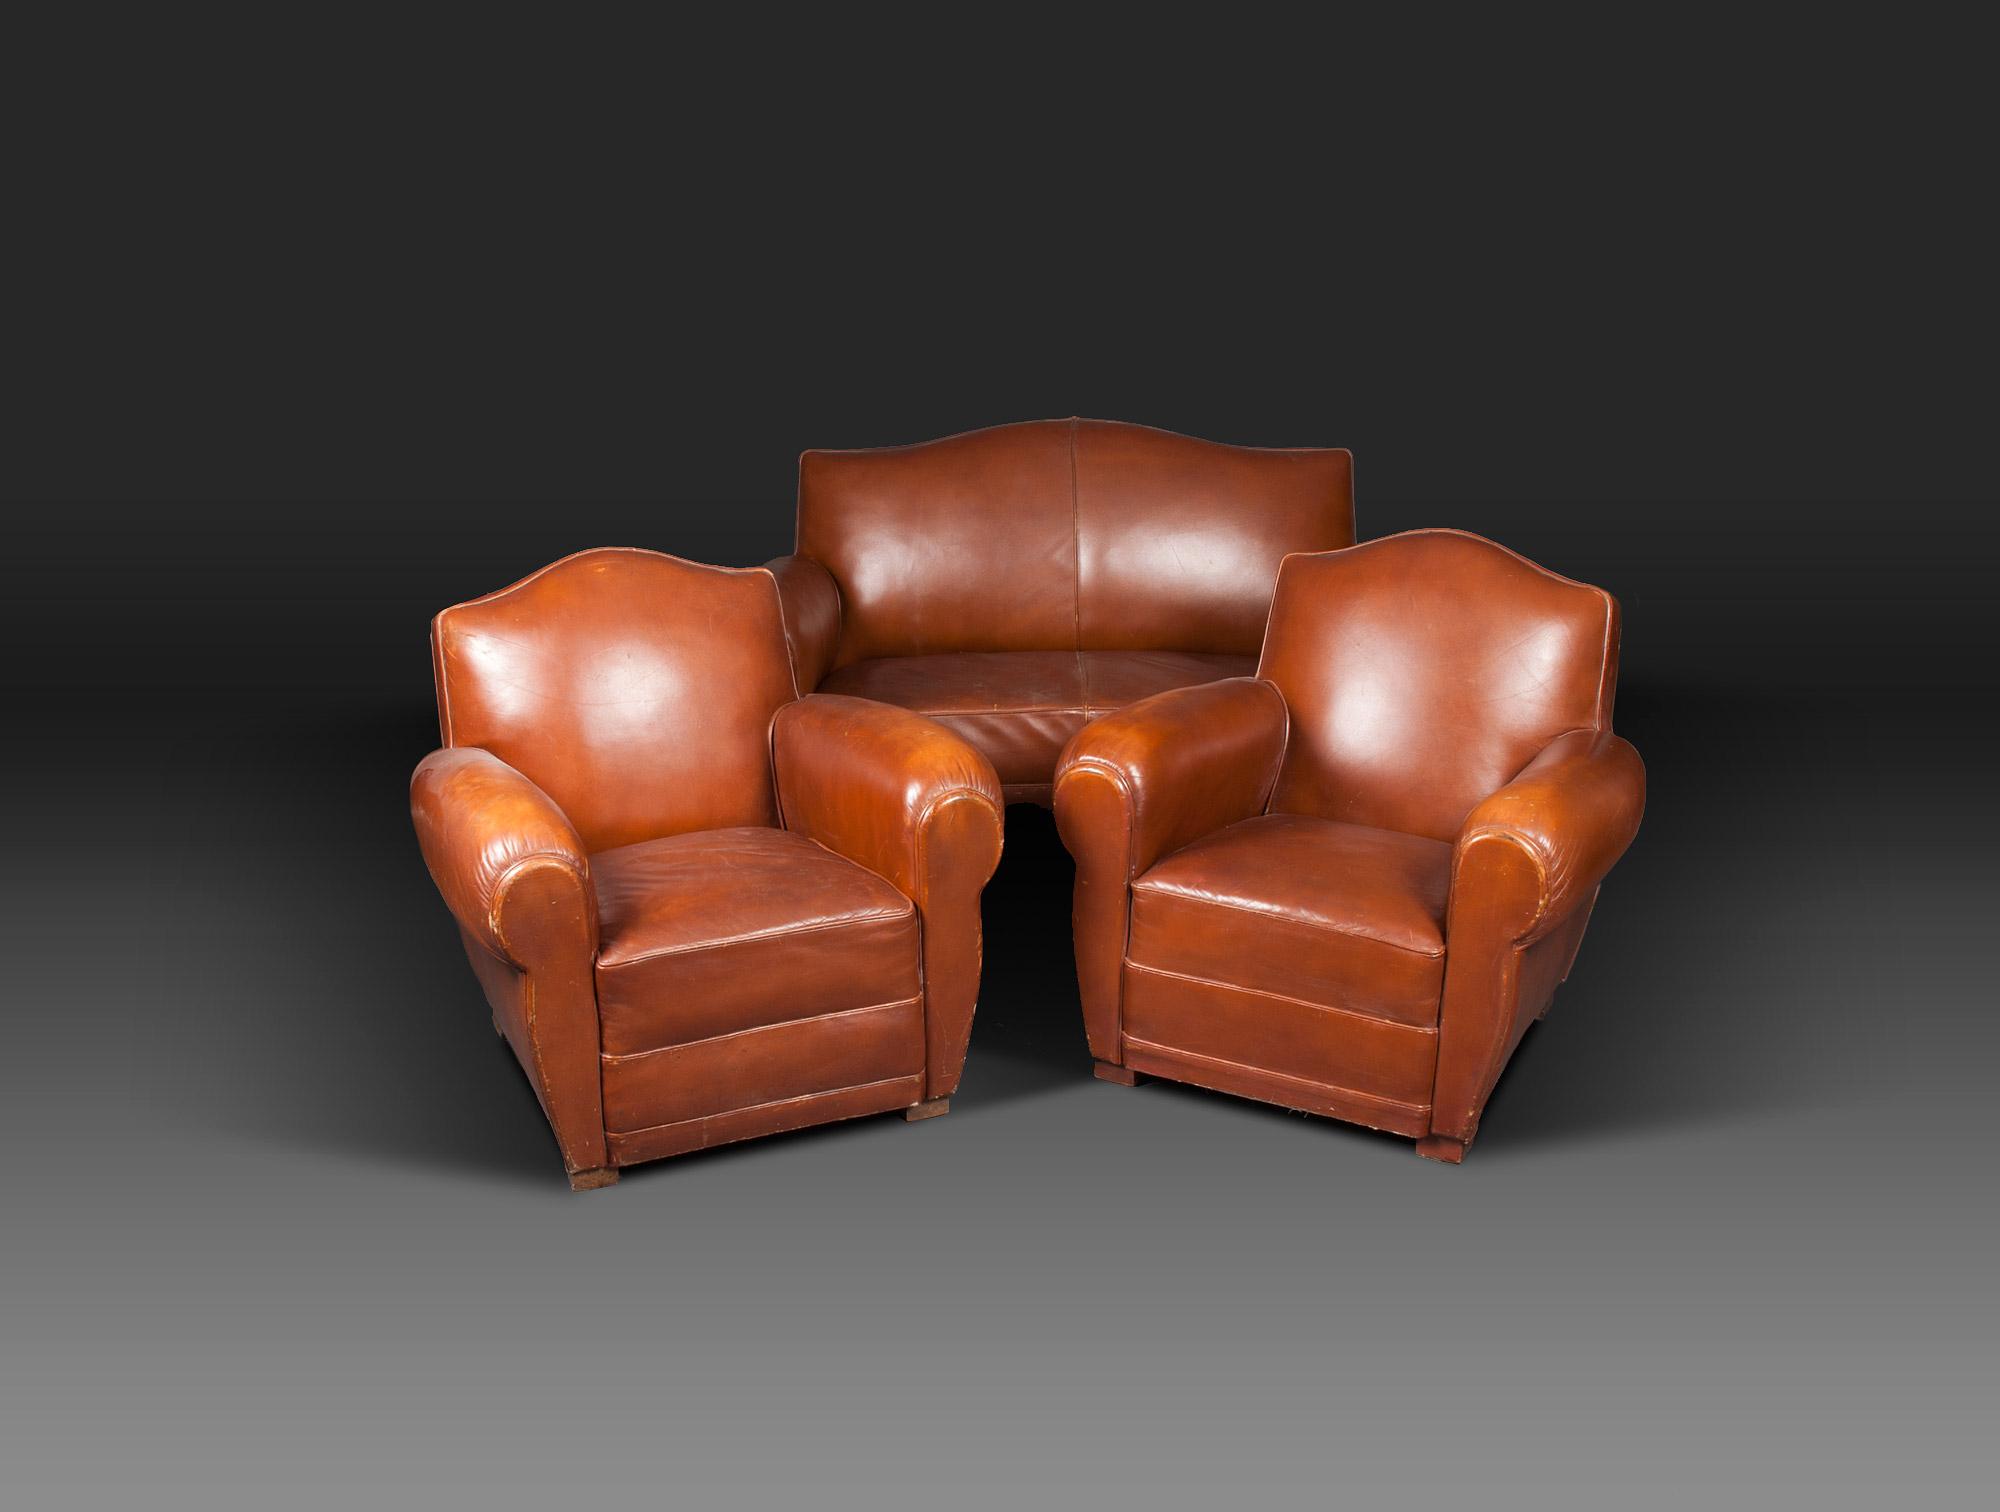 canap club en cuir fauve soubrier louer si ges canap ann es 1940. Black Bedroom Furniture Sets. Home Design Ideas